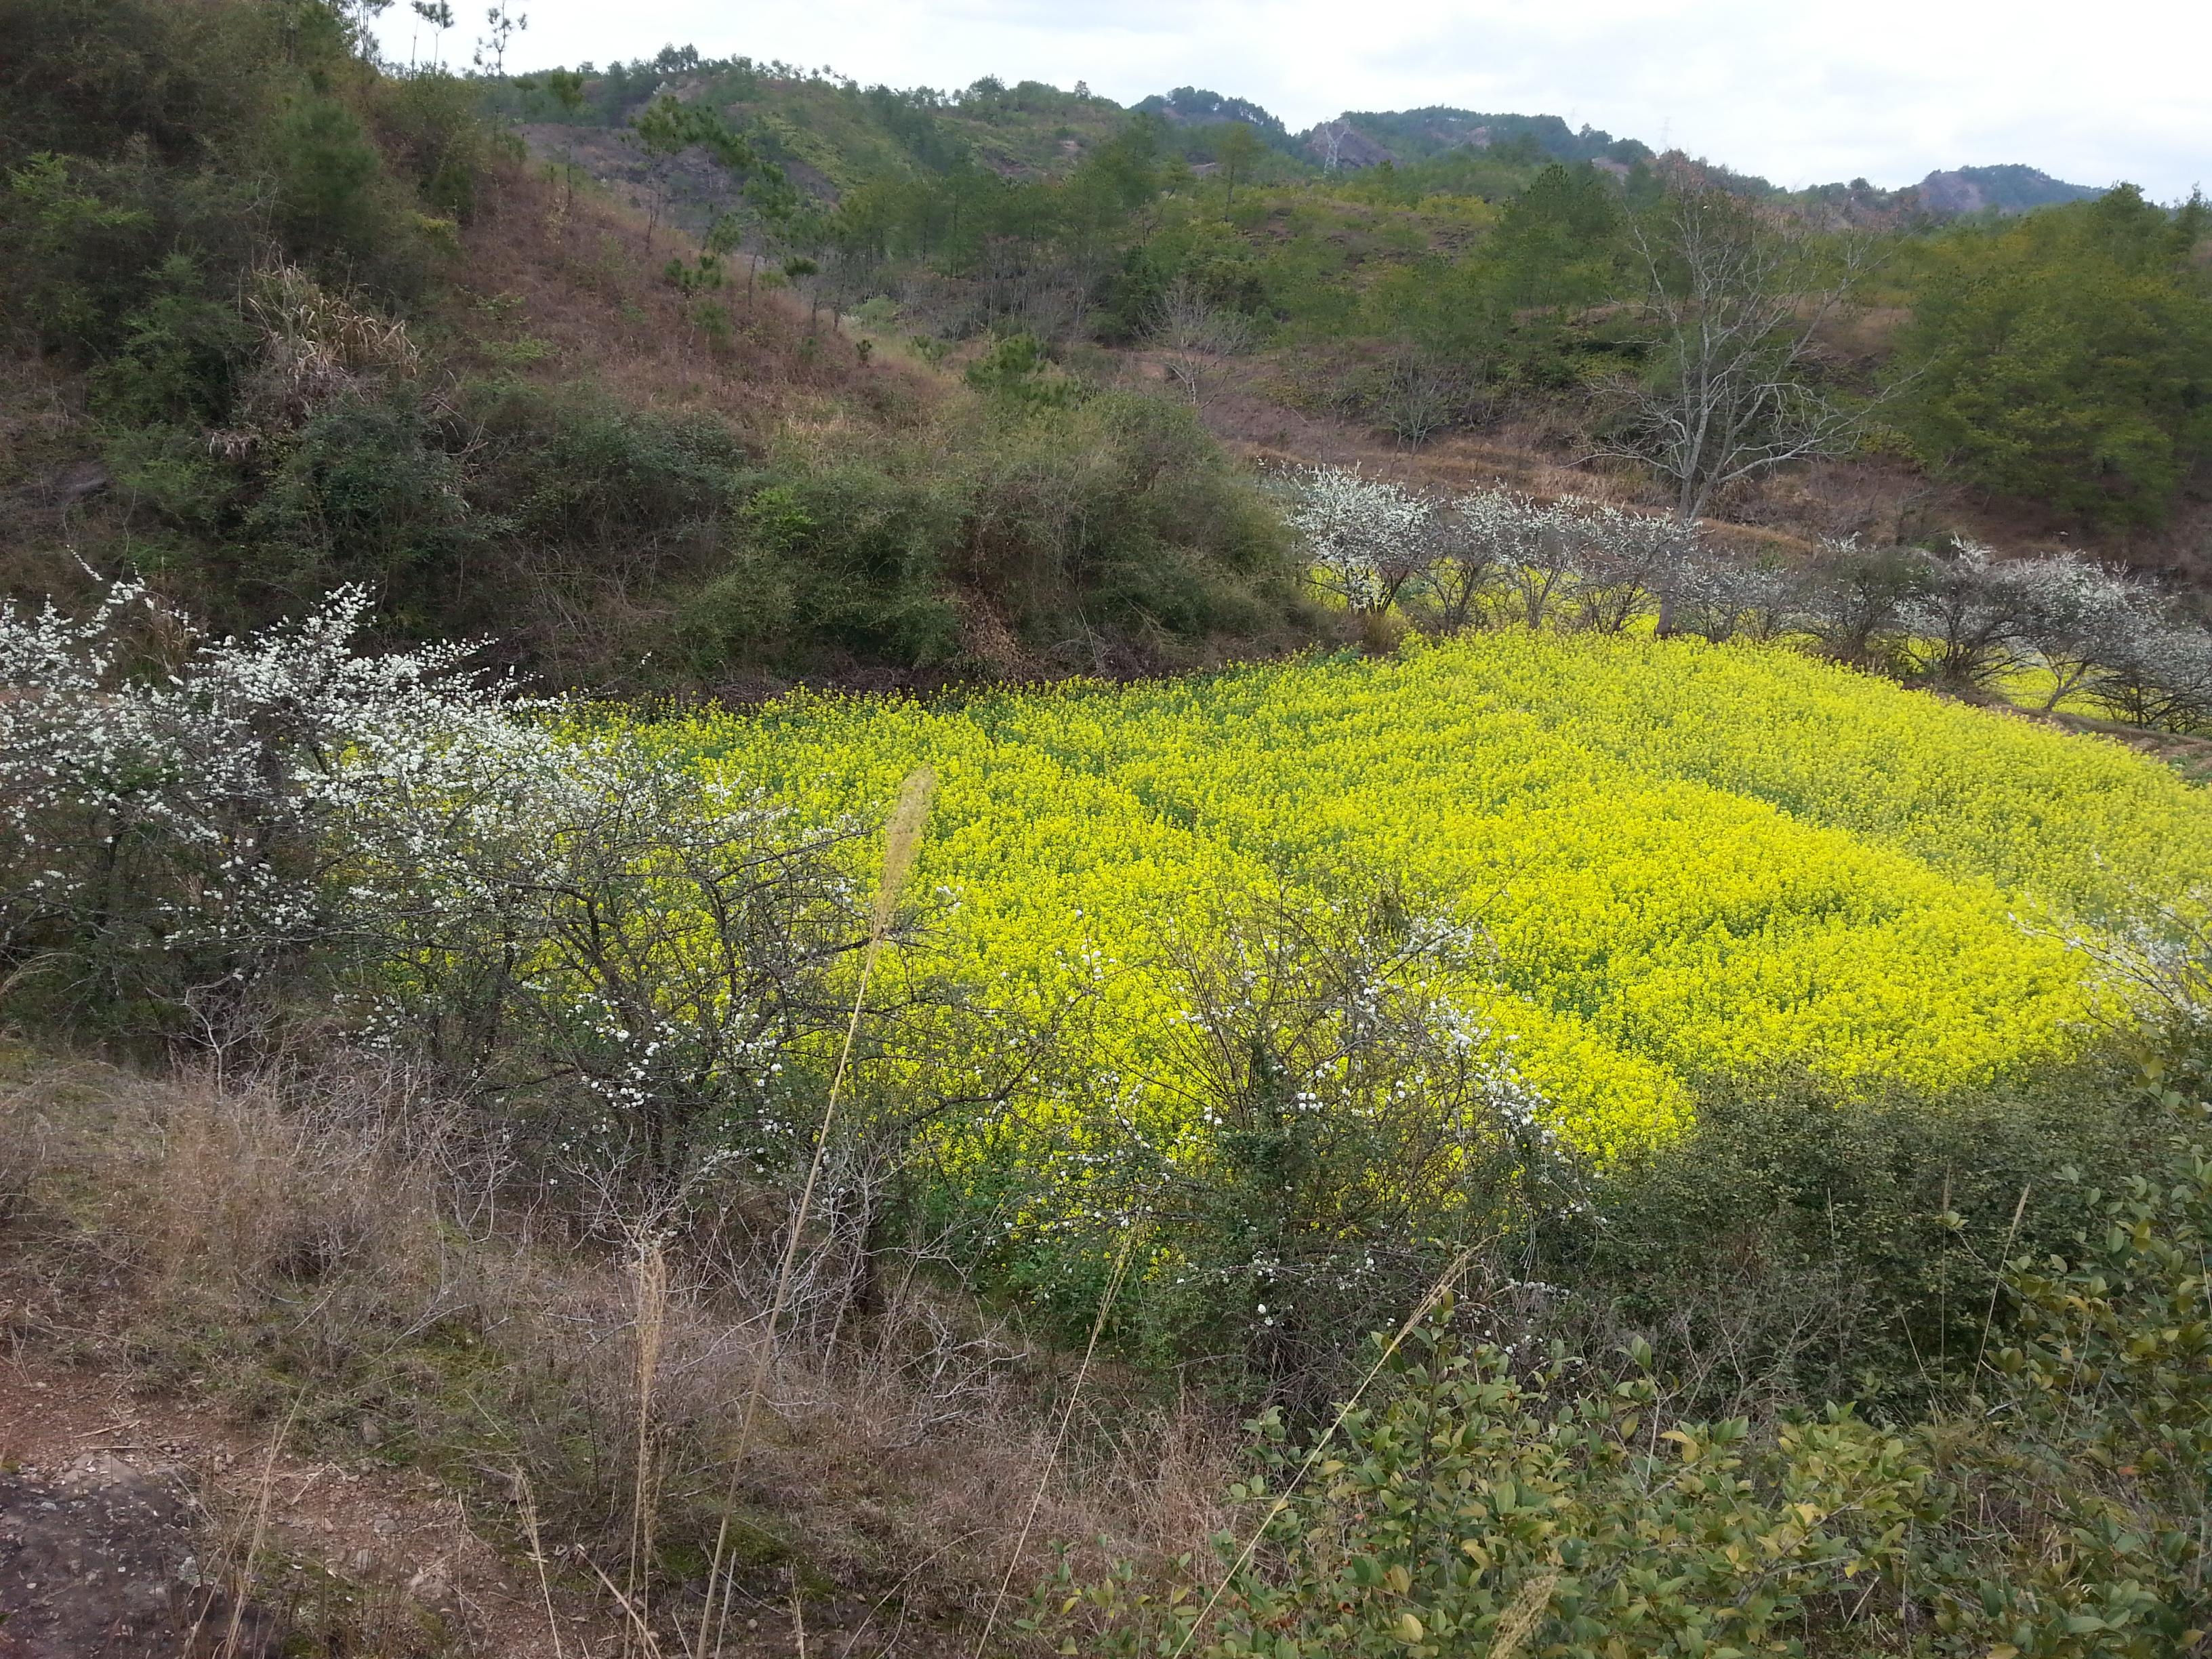 家乡的油菜花,比颐和园的迎春花漂亮多了-:)